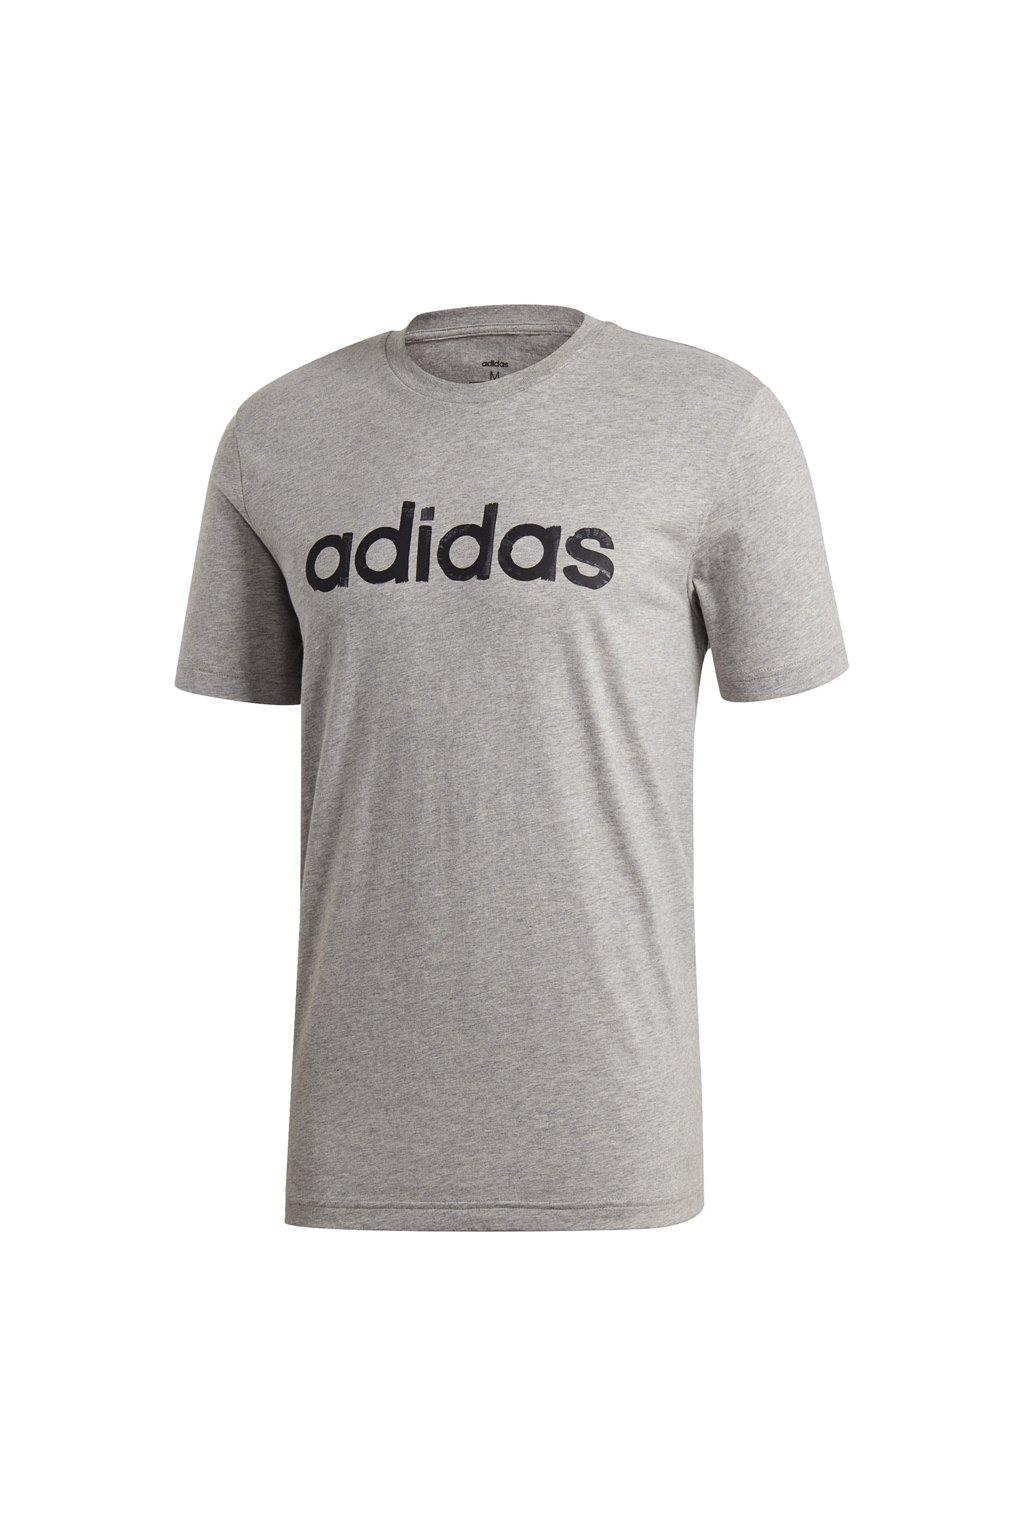 Pánske šedé tričko Adidas M Graphic Linear Tee 3, EI4580